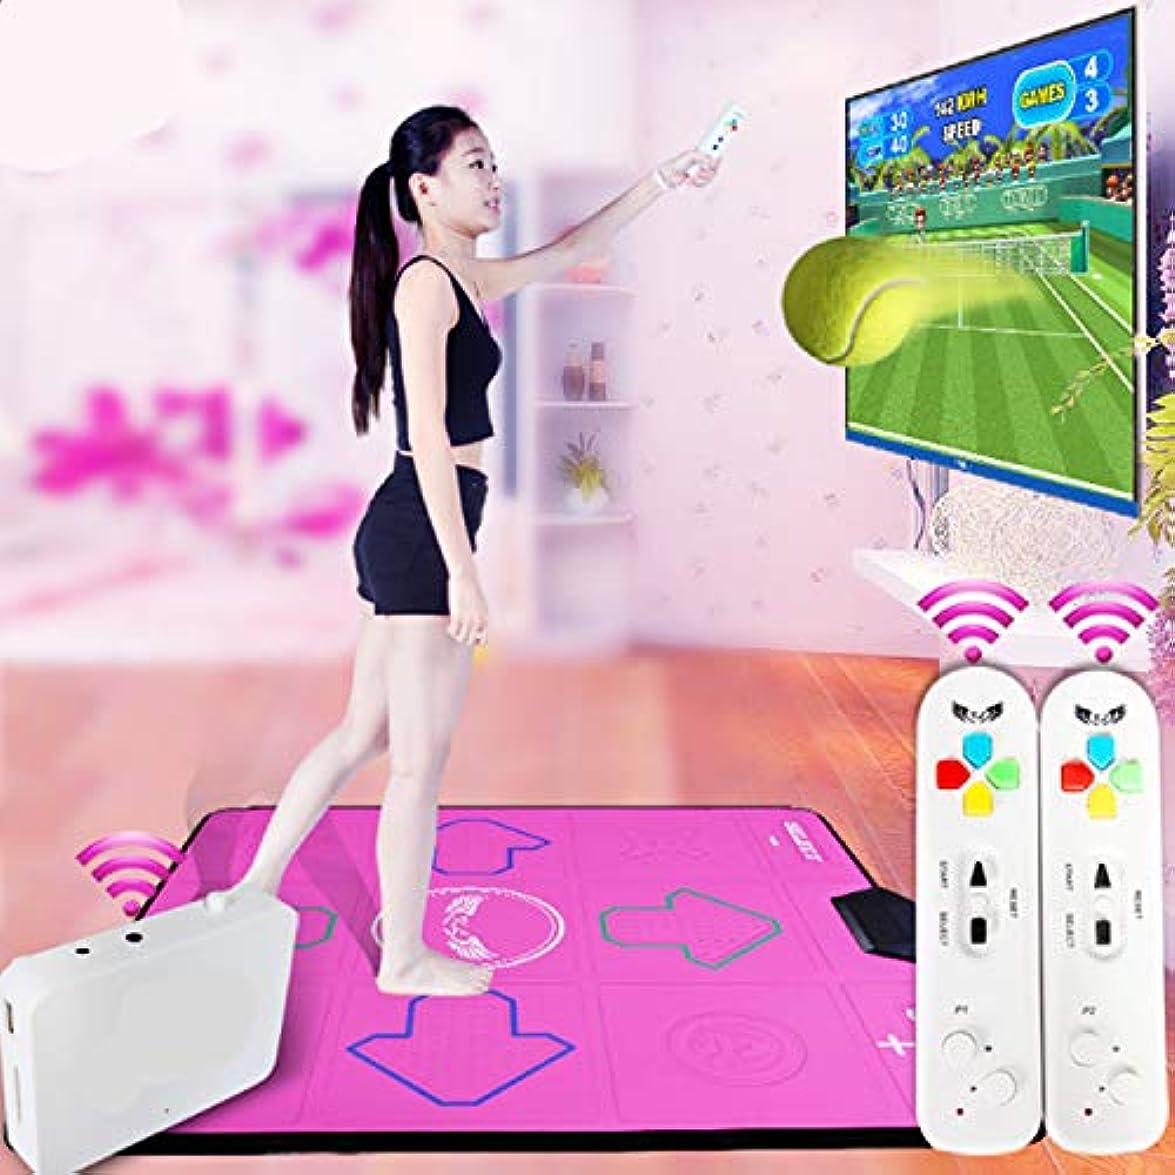 大いに自分自身やりすぎ子供のためのダンスマットPCテレビシングルダンスカーペットHDワイヤレススリミングダンスマシン滑滑りテレビコンピュータ大人の赤ちゃんのためのデュアルユース